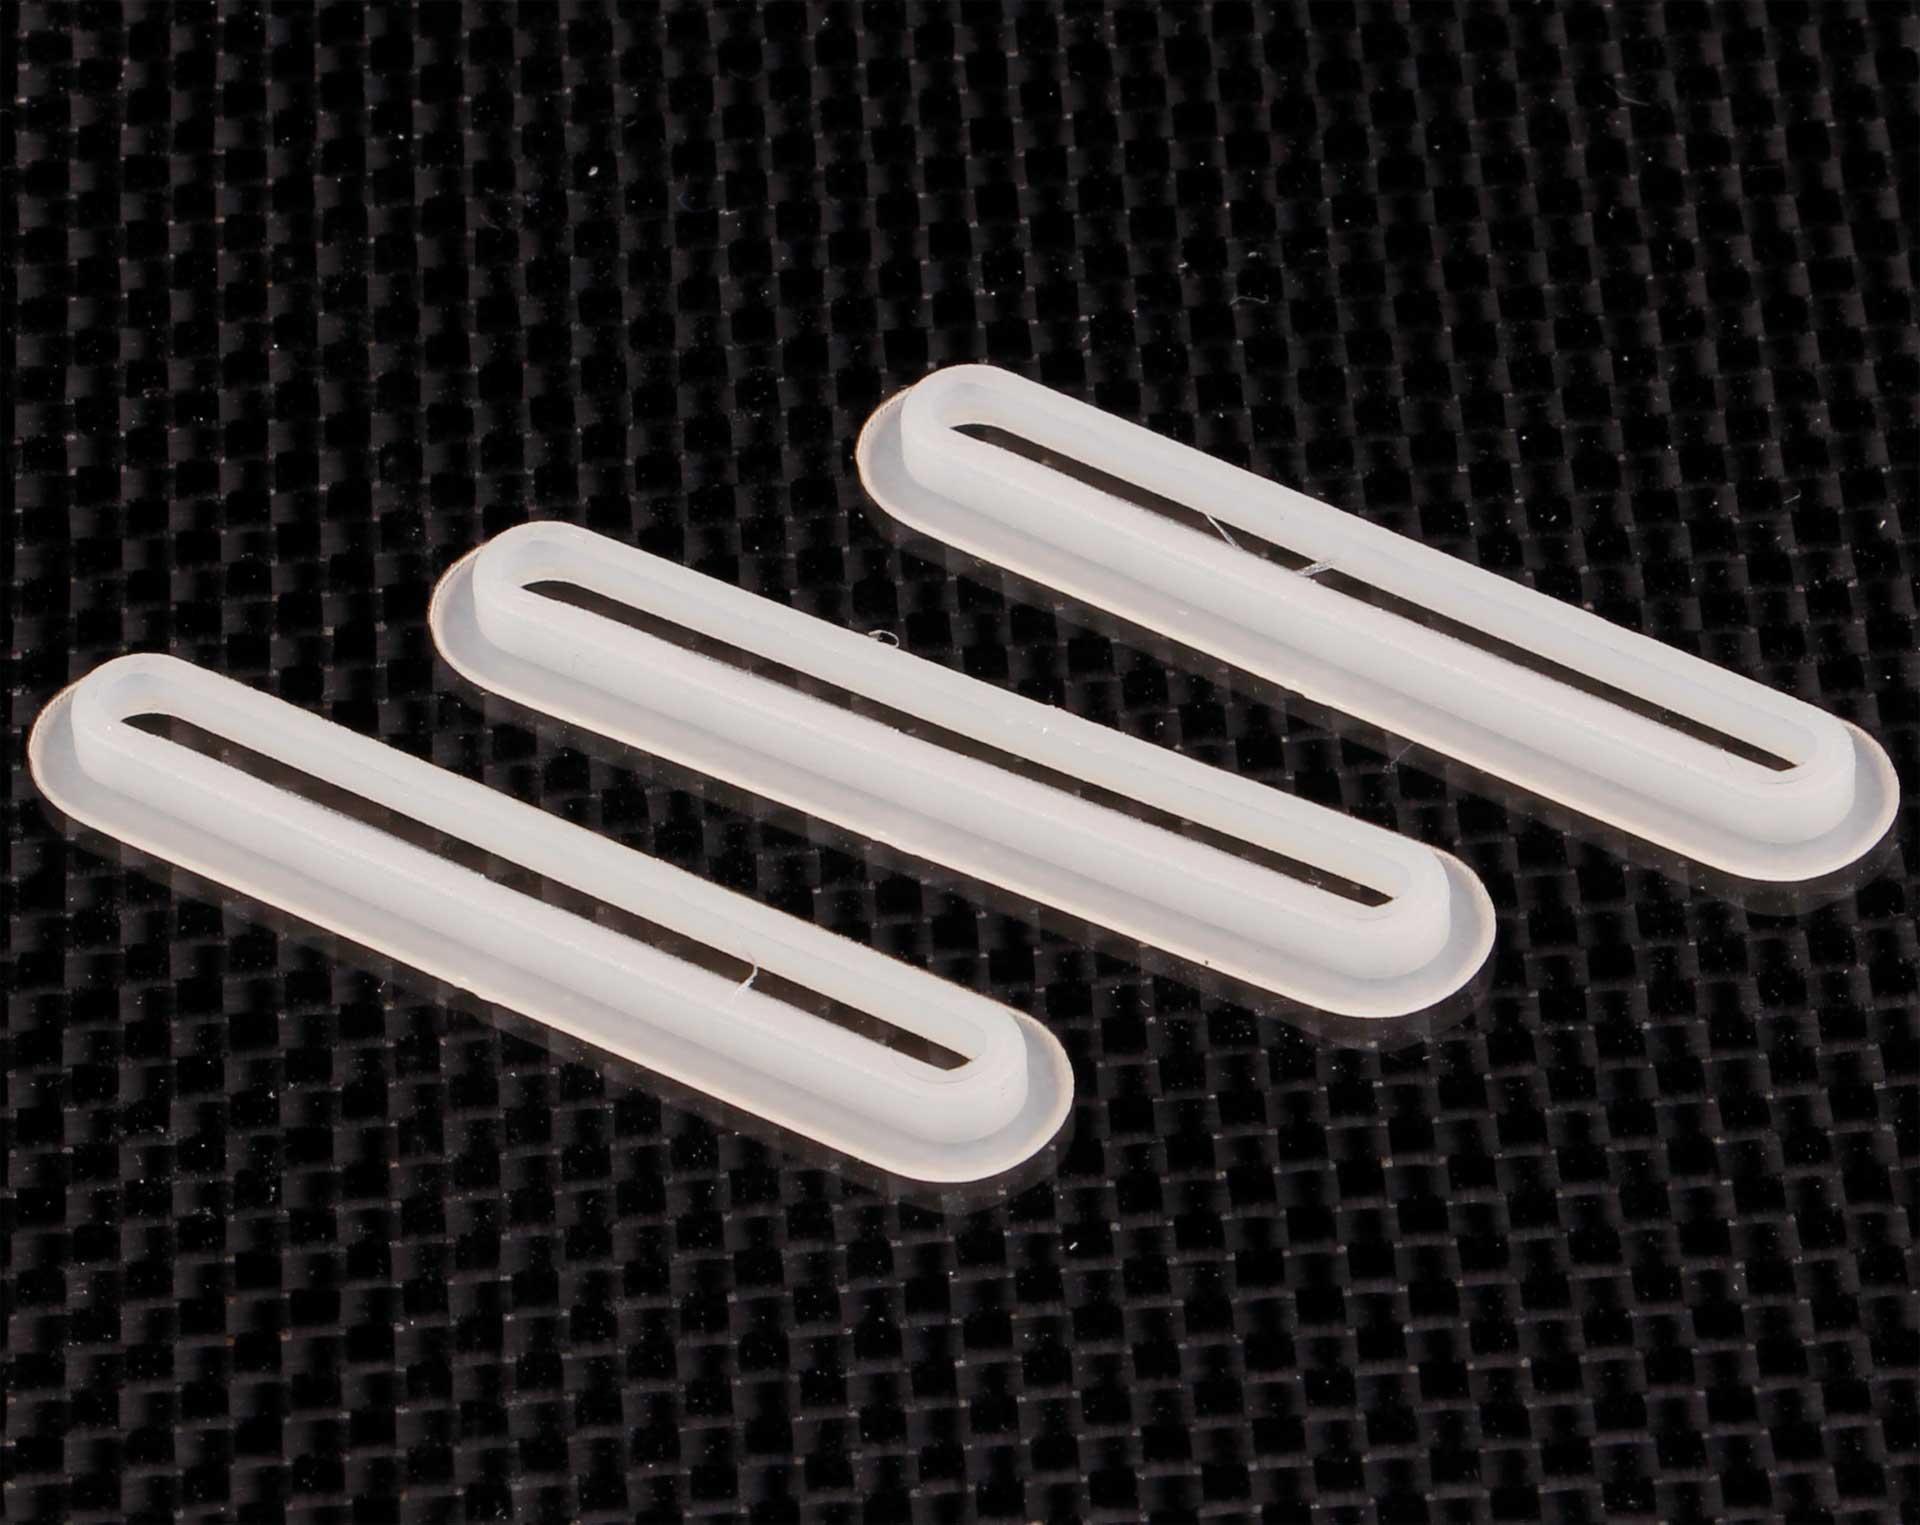 Robbe Modellsport Schubstangen-Verkleidung L41×H5.5mm 10Stk.